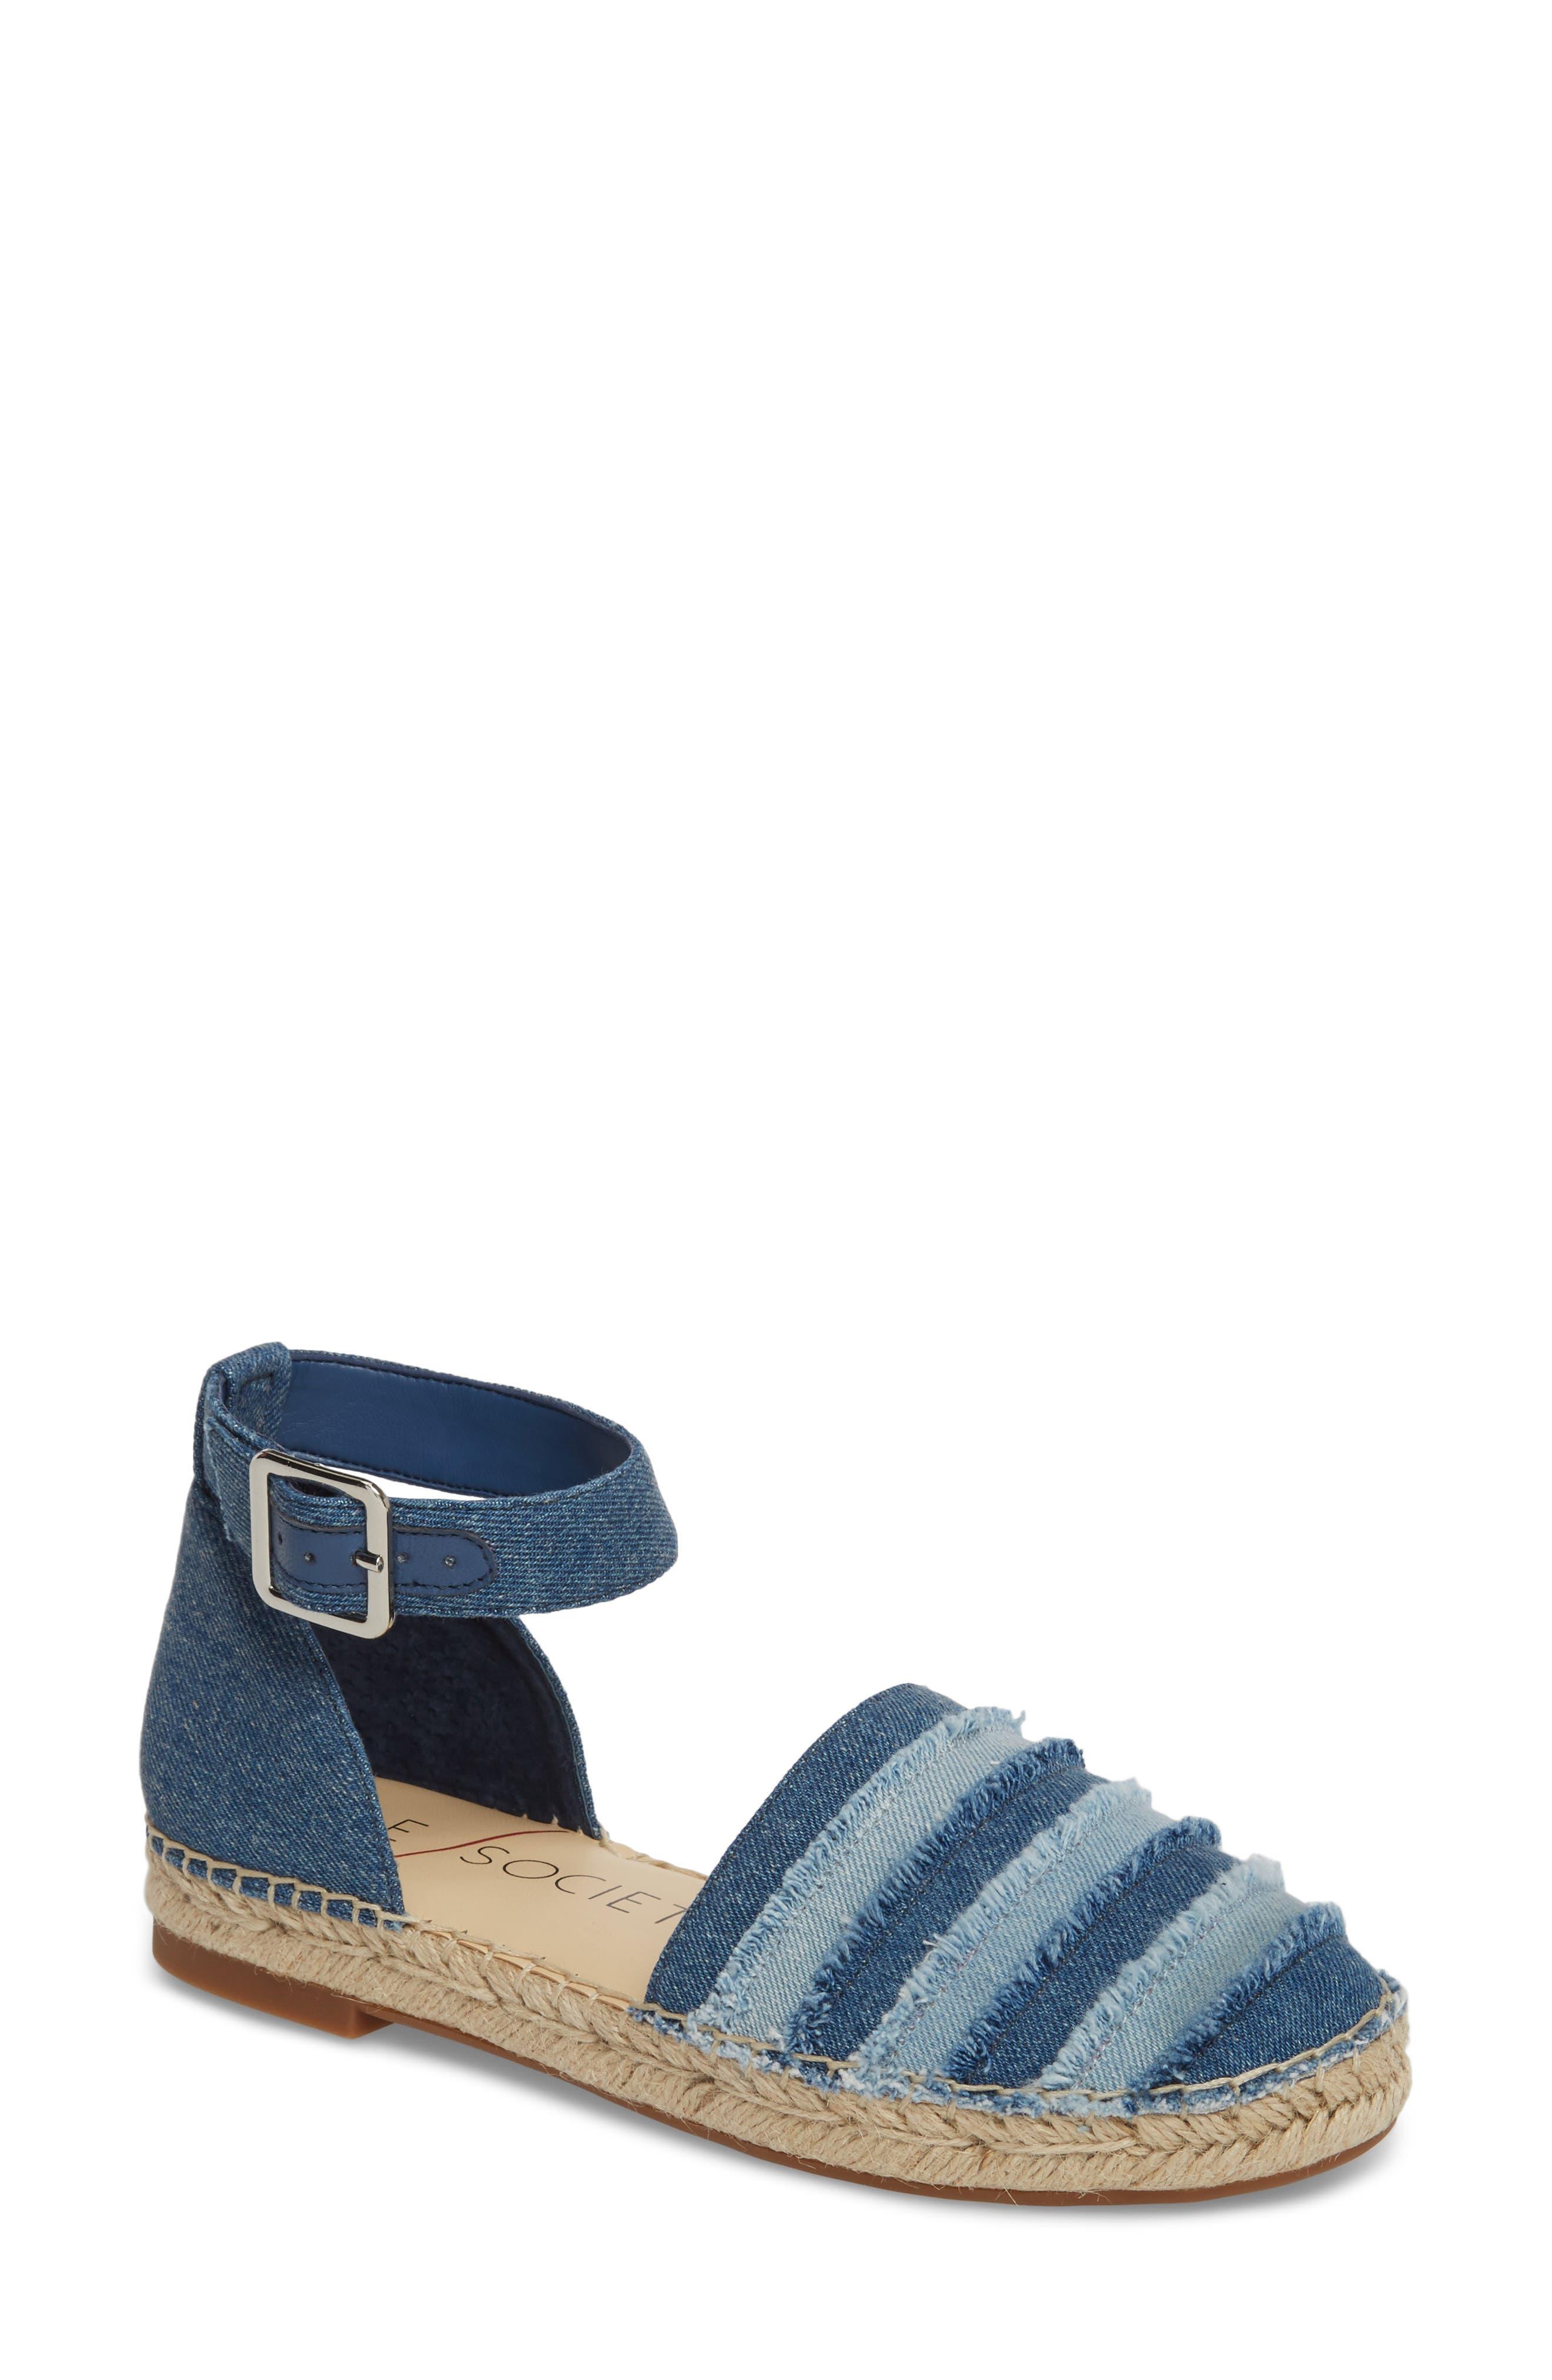 Stacie Espadrille Sandal,                         Main,                         color, DARK BLUE